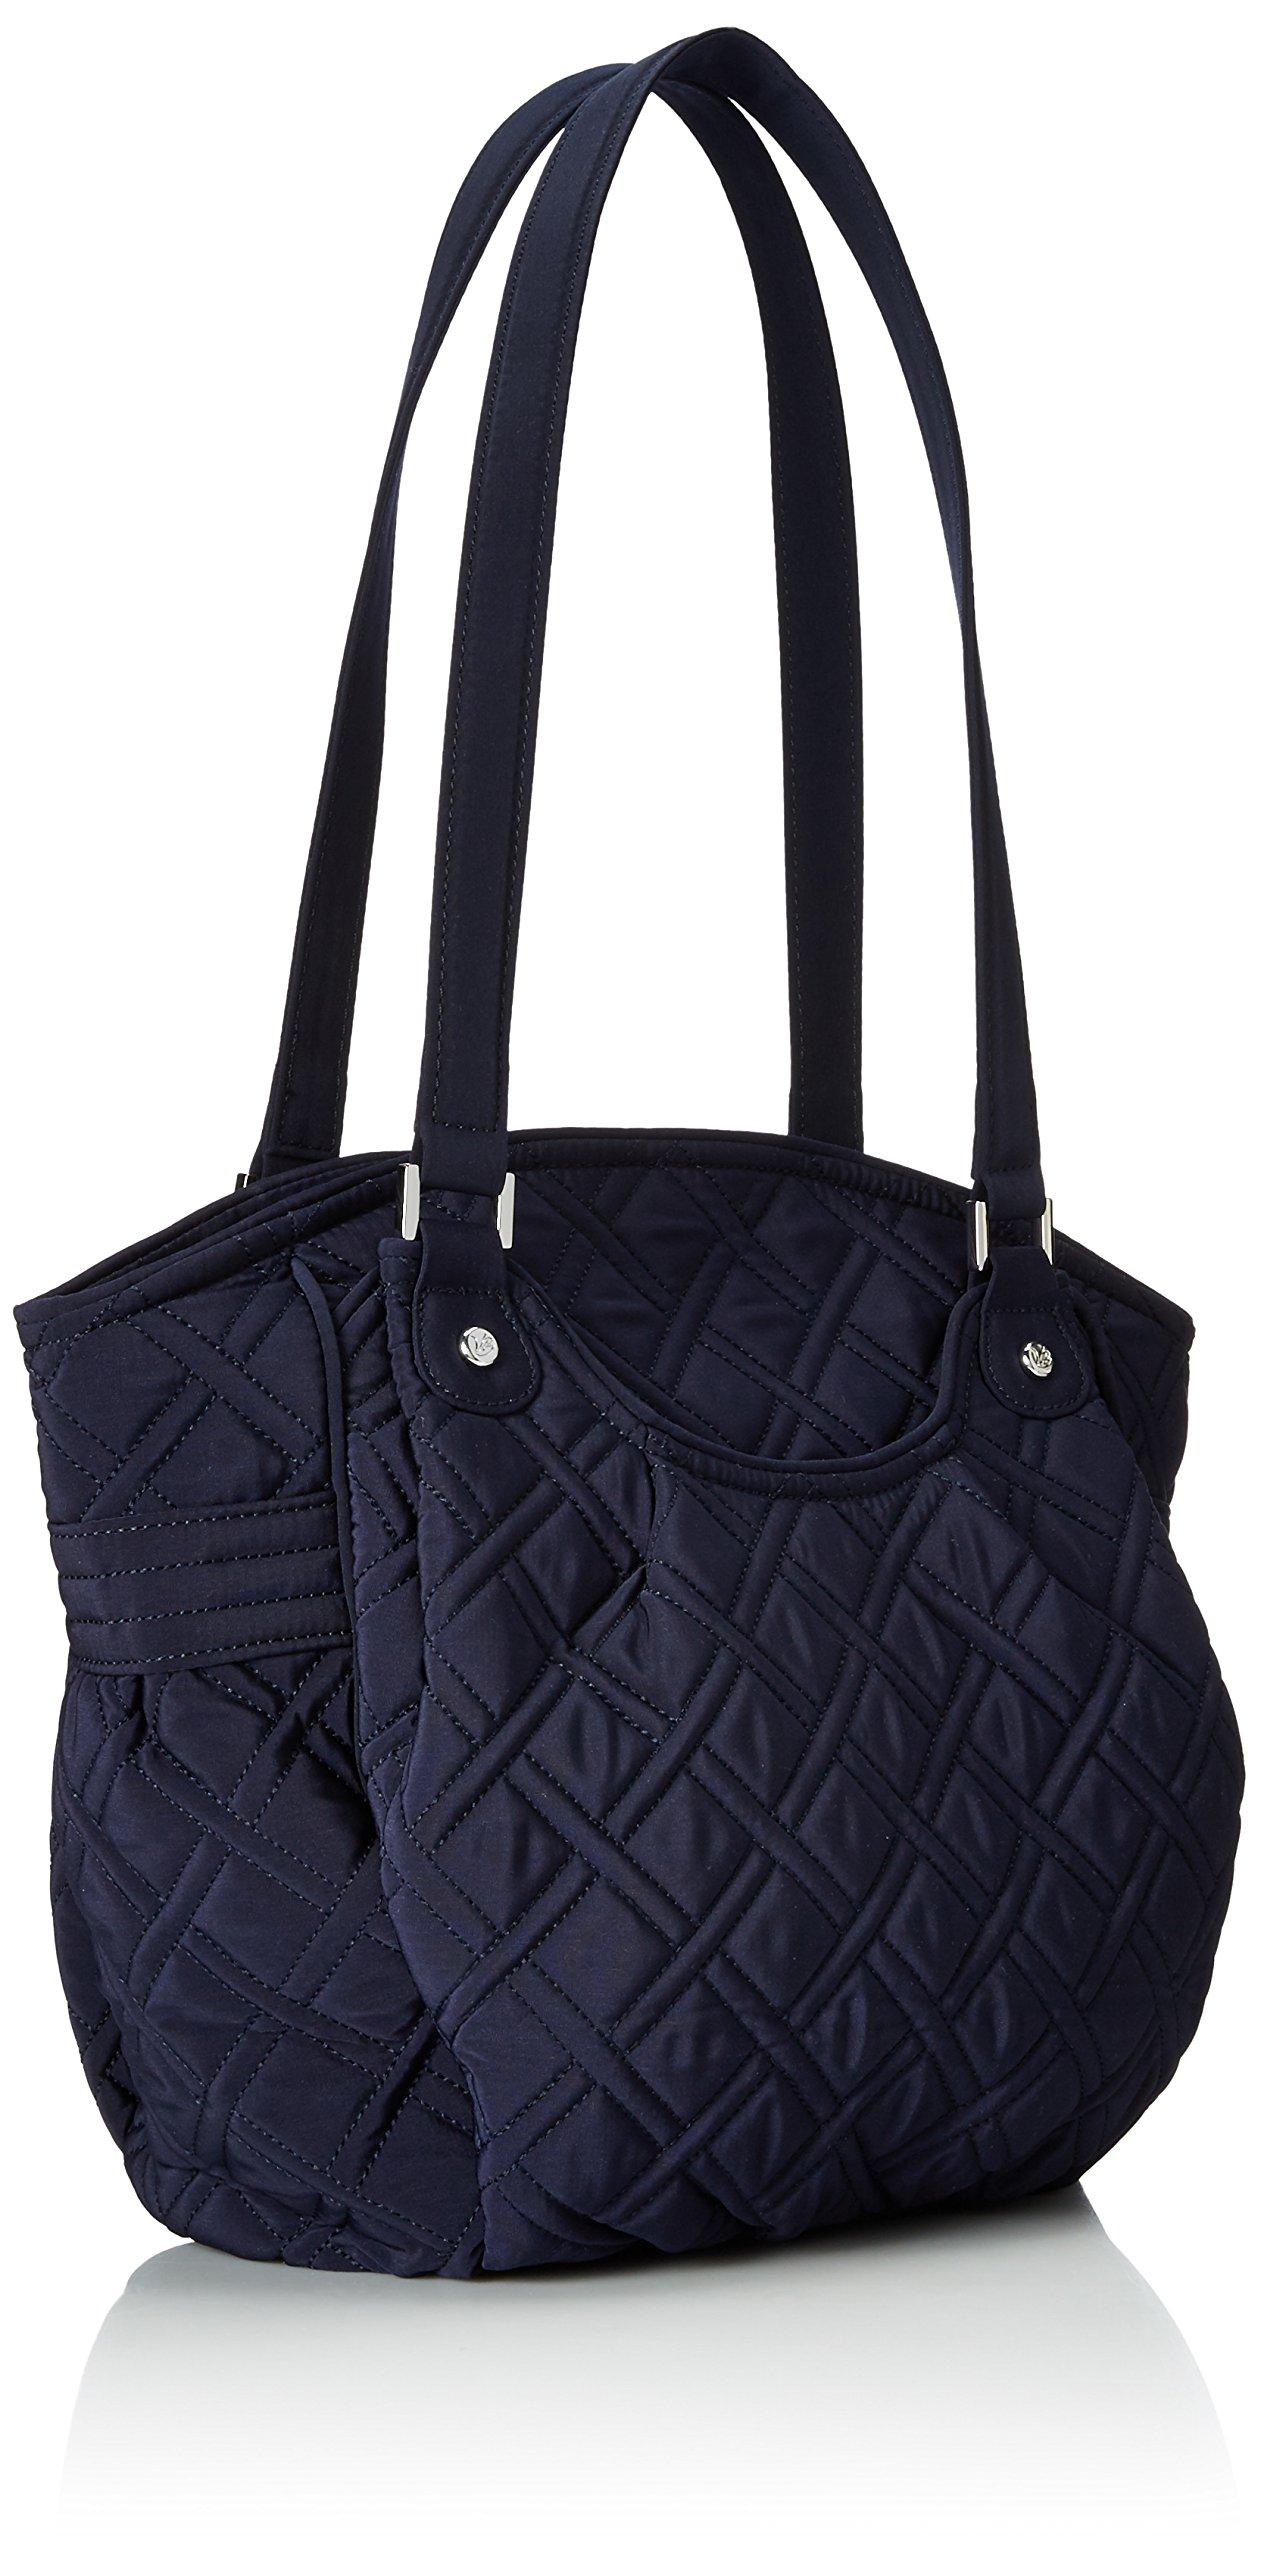 Vera Bradley Glenna 2 Shoulder Bag, Classic Navy, One Size by Vera Bradley (Image #2)